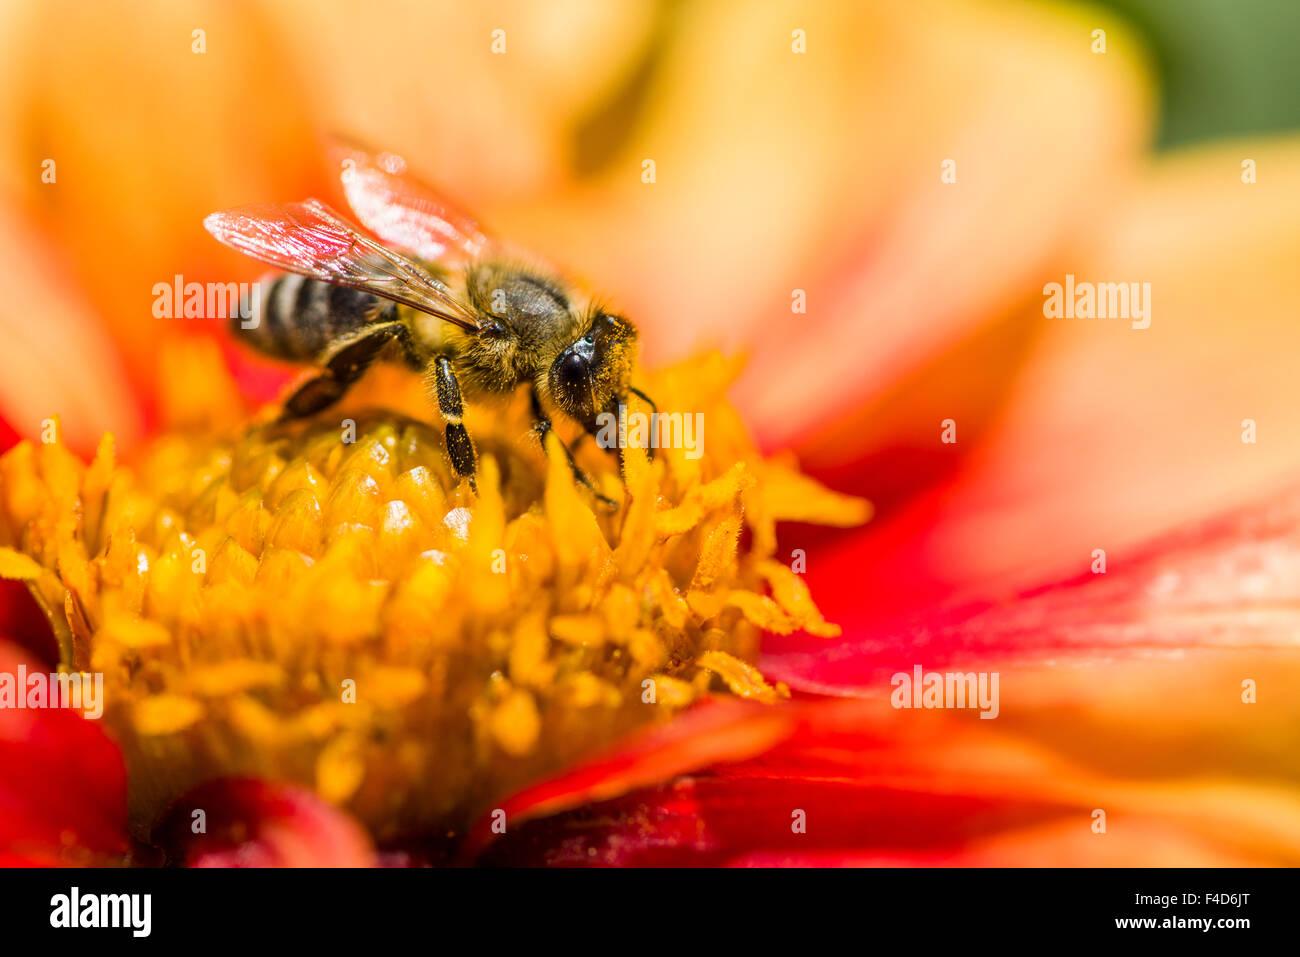 Ein Krainer Biene (Apis mellifera carnica) ist das Sammeln von Nektar aus einer dahlie (Asteraceae) Blüte Stockbild